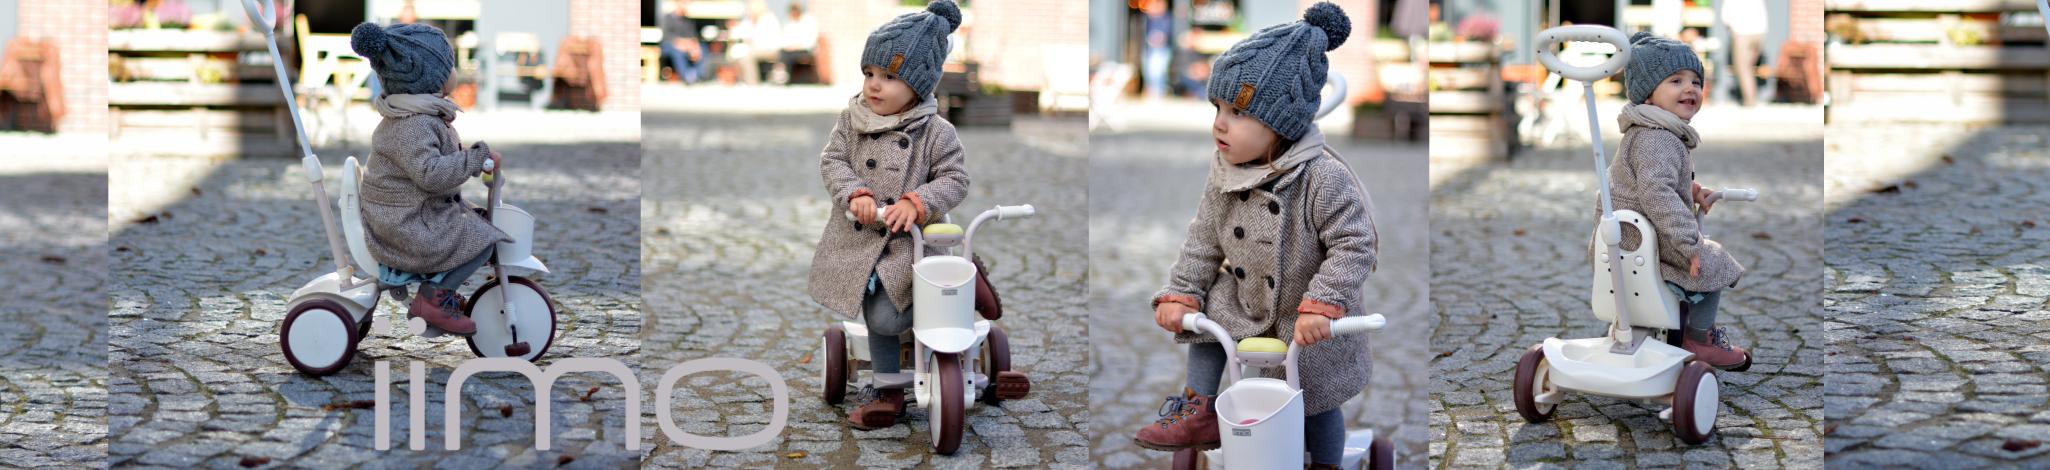 IIMO bike